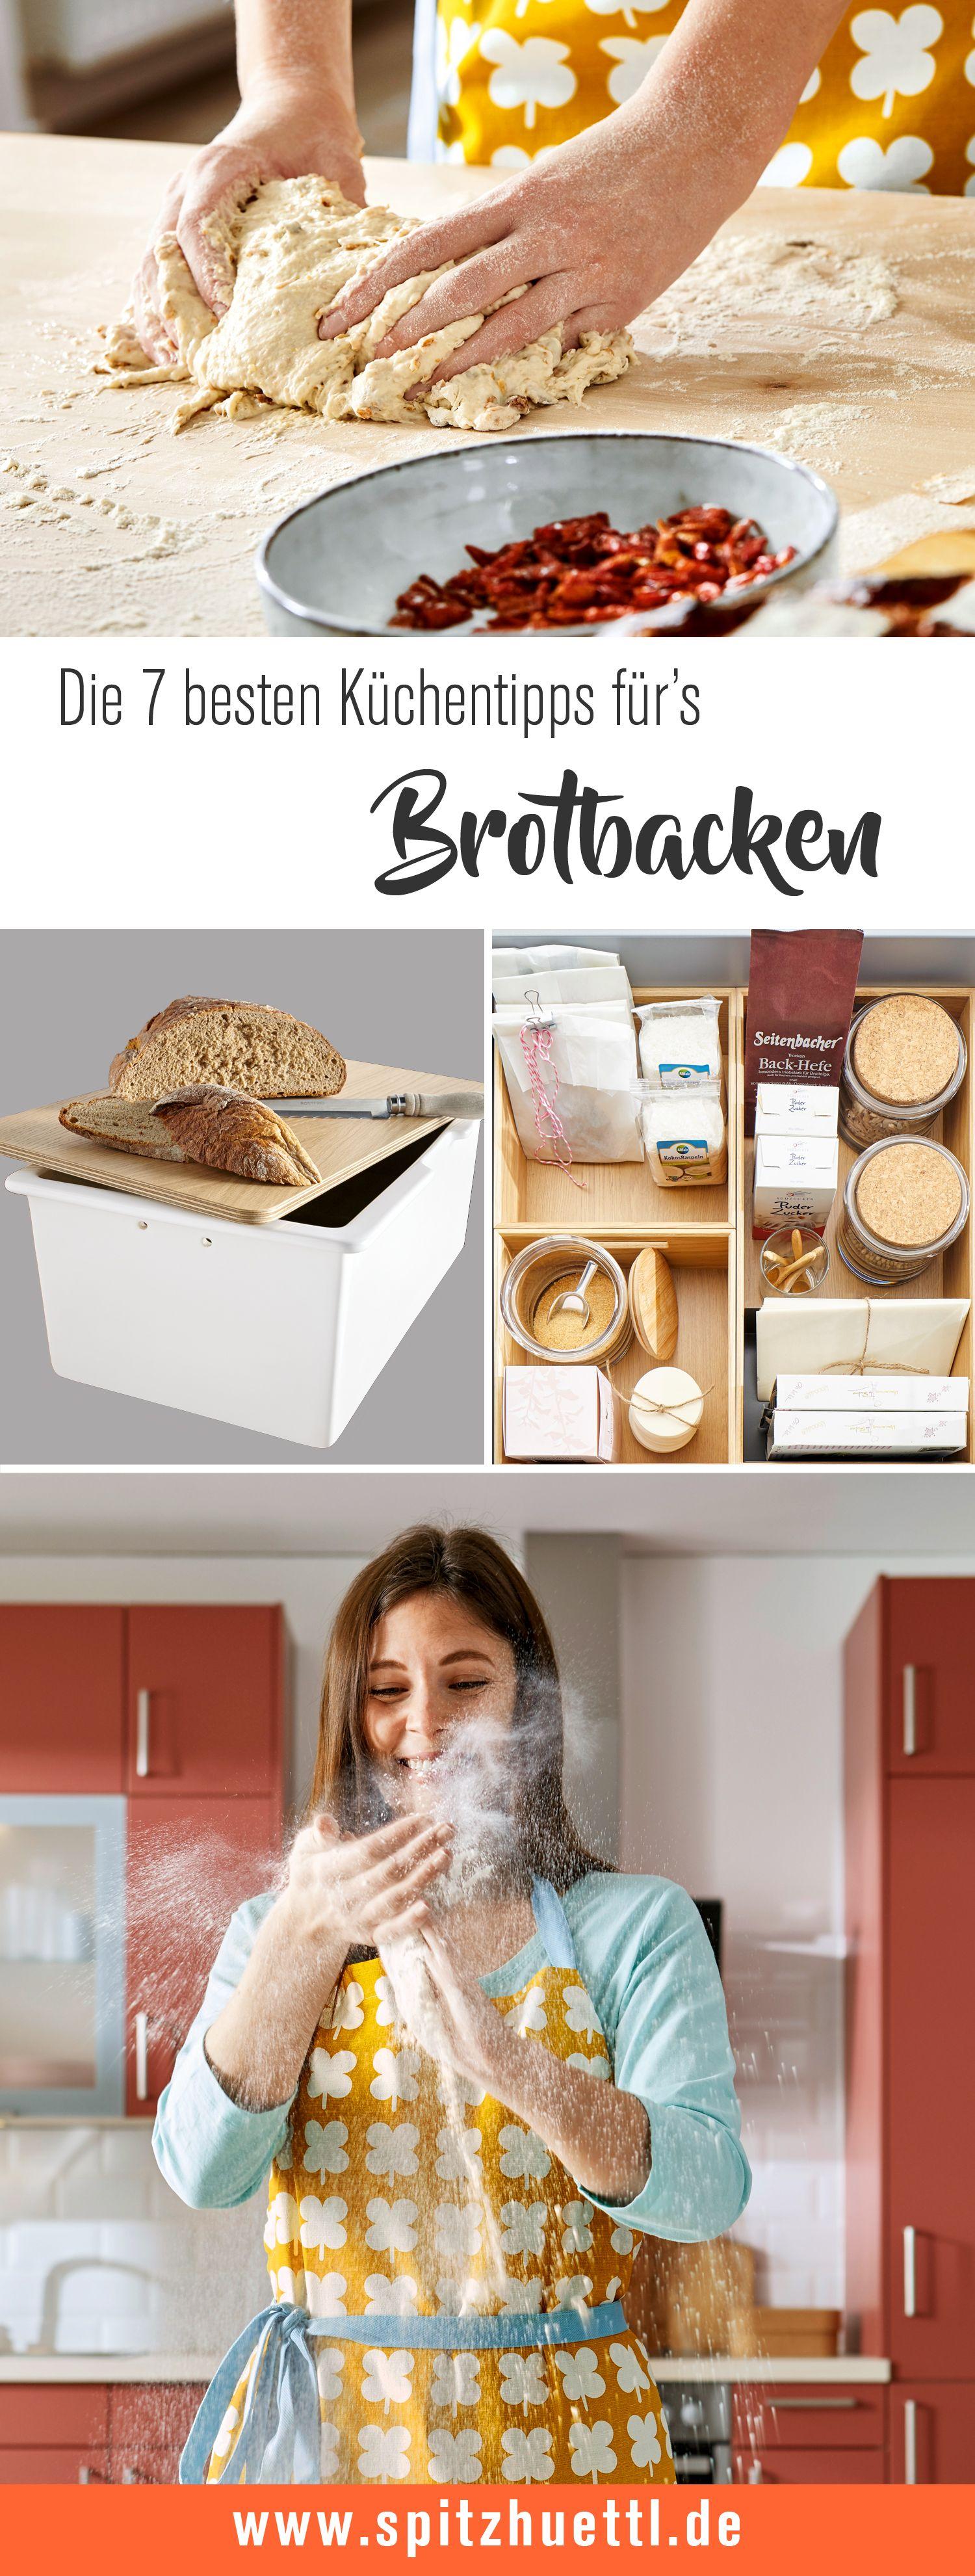 7 Tipps fürs Brotbacken in Ihrer Küche Brot backen